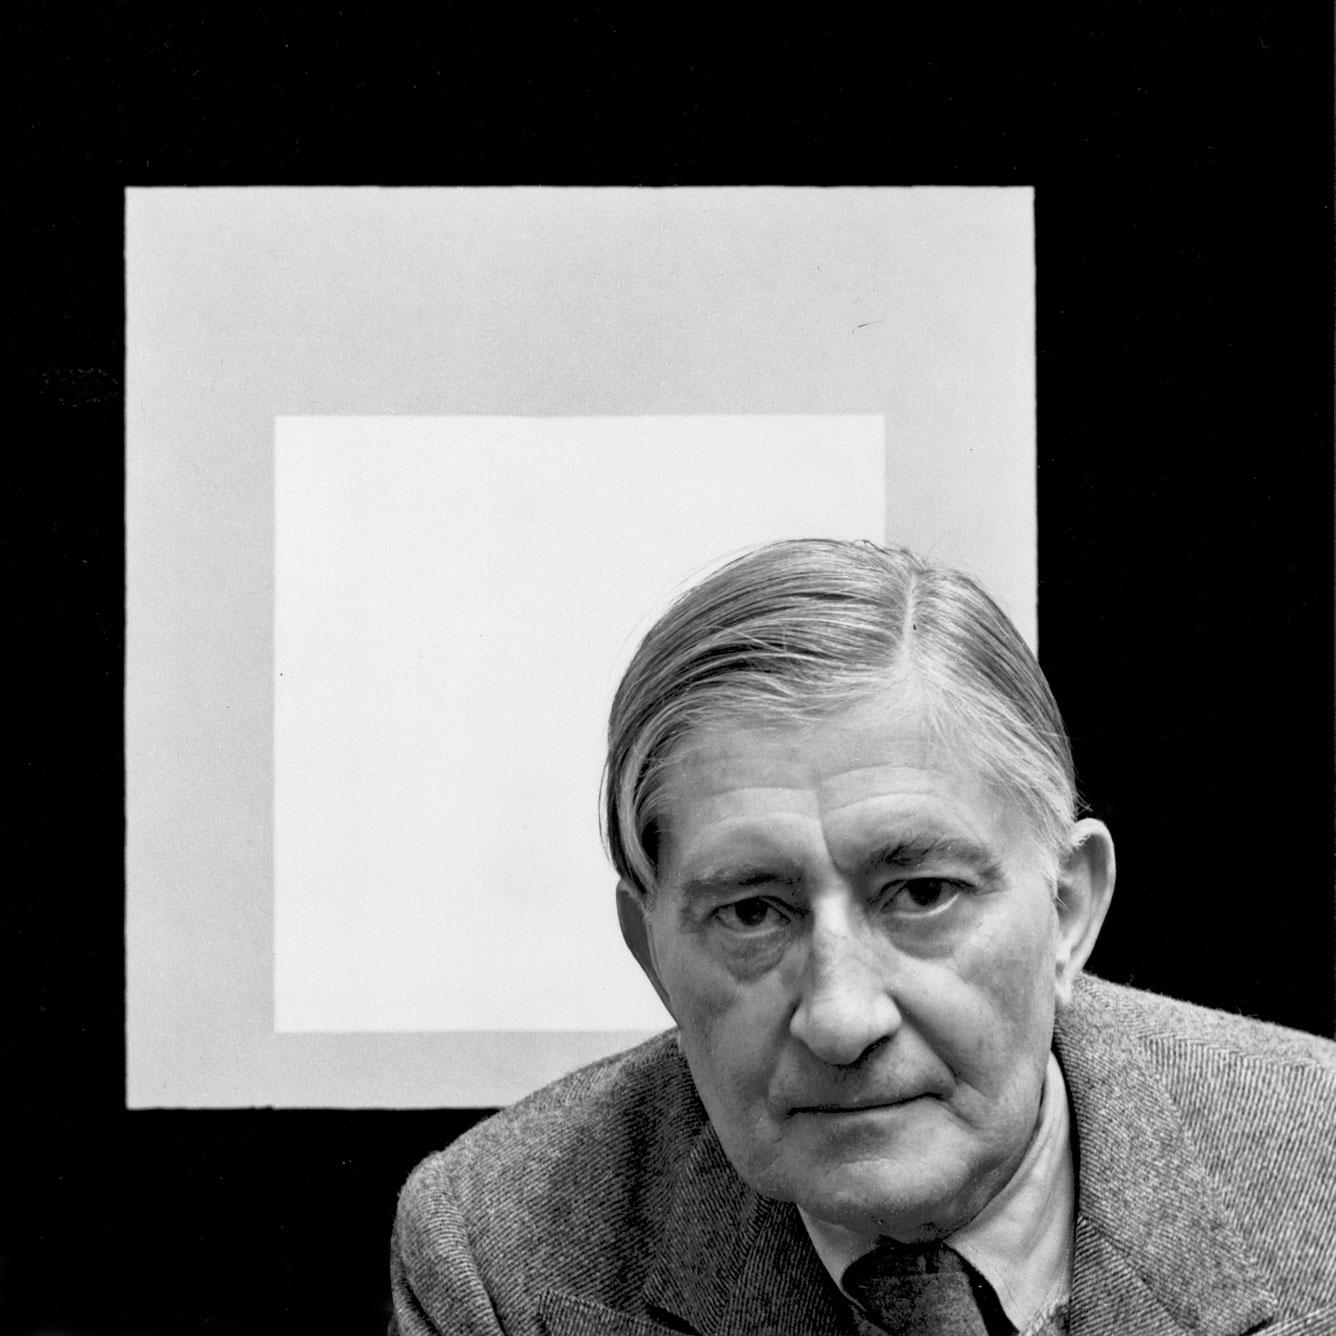 Josef Albers (1888 - 1976)